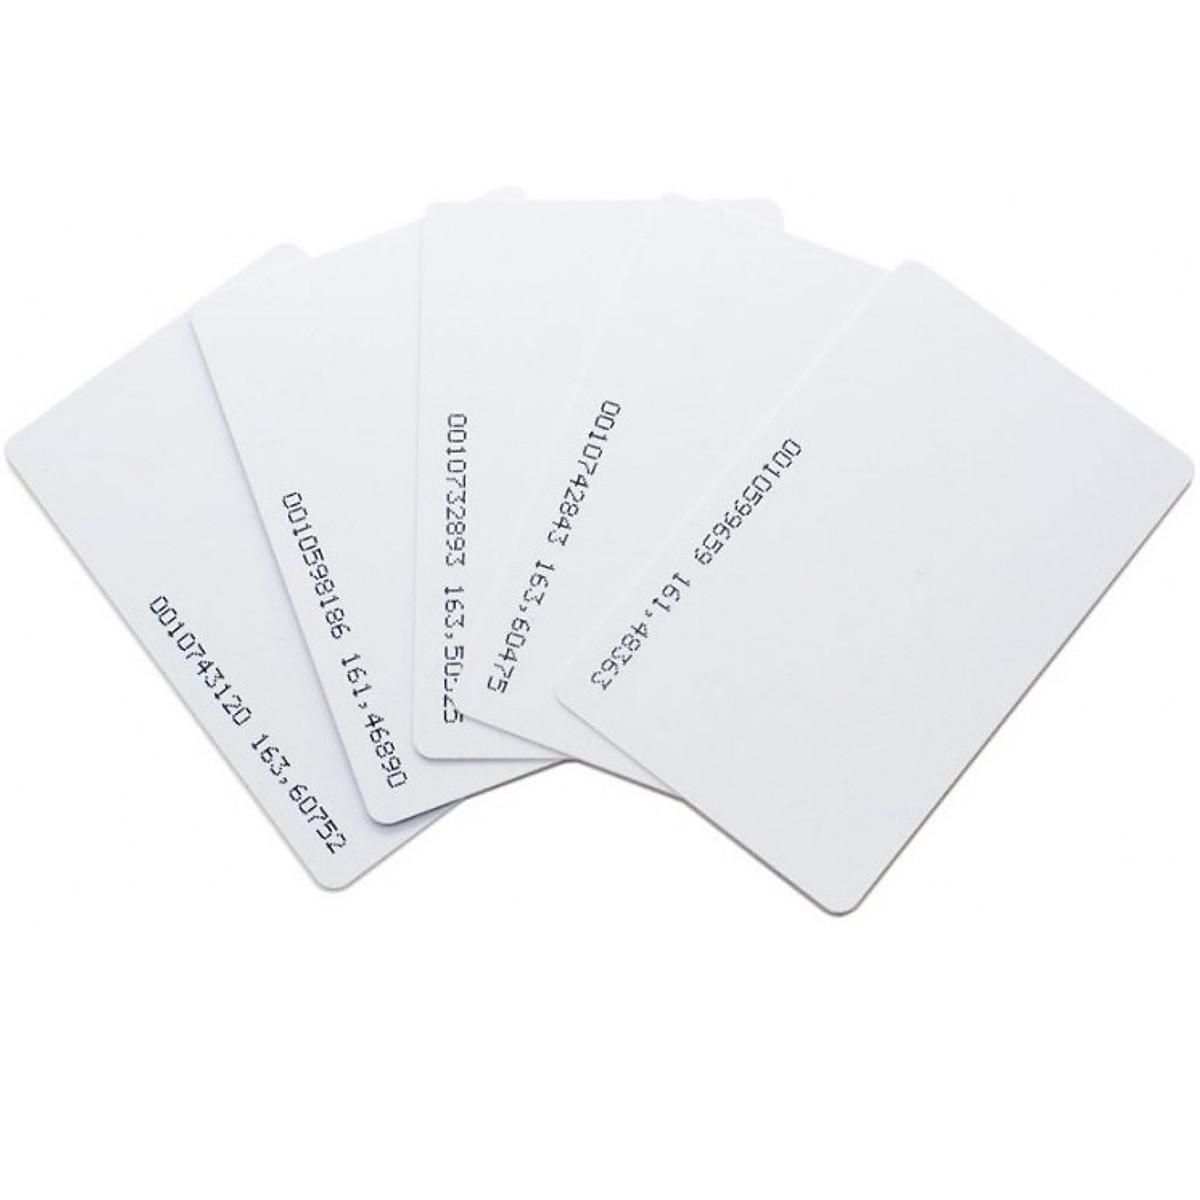 [ Set 10 thẻ] Thẻ từ máy chấm công tần số 125Khz – loại mỏng 0.8mm